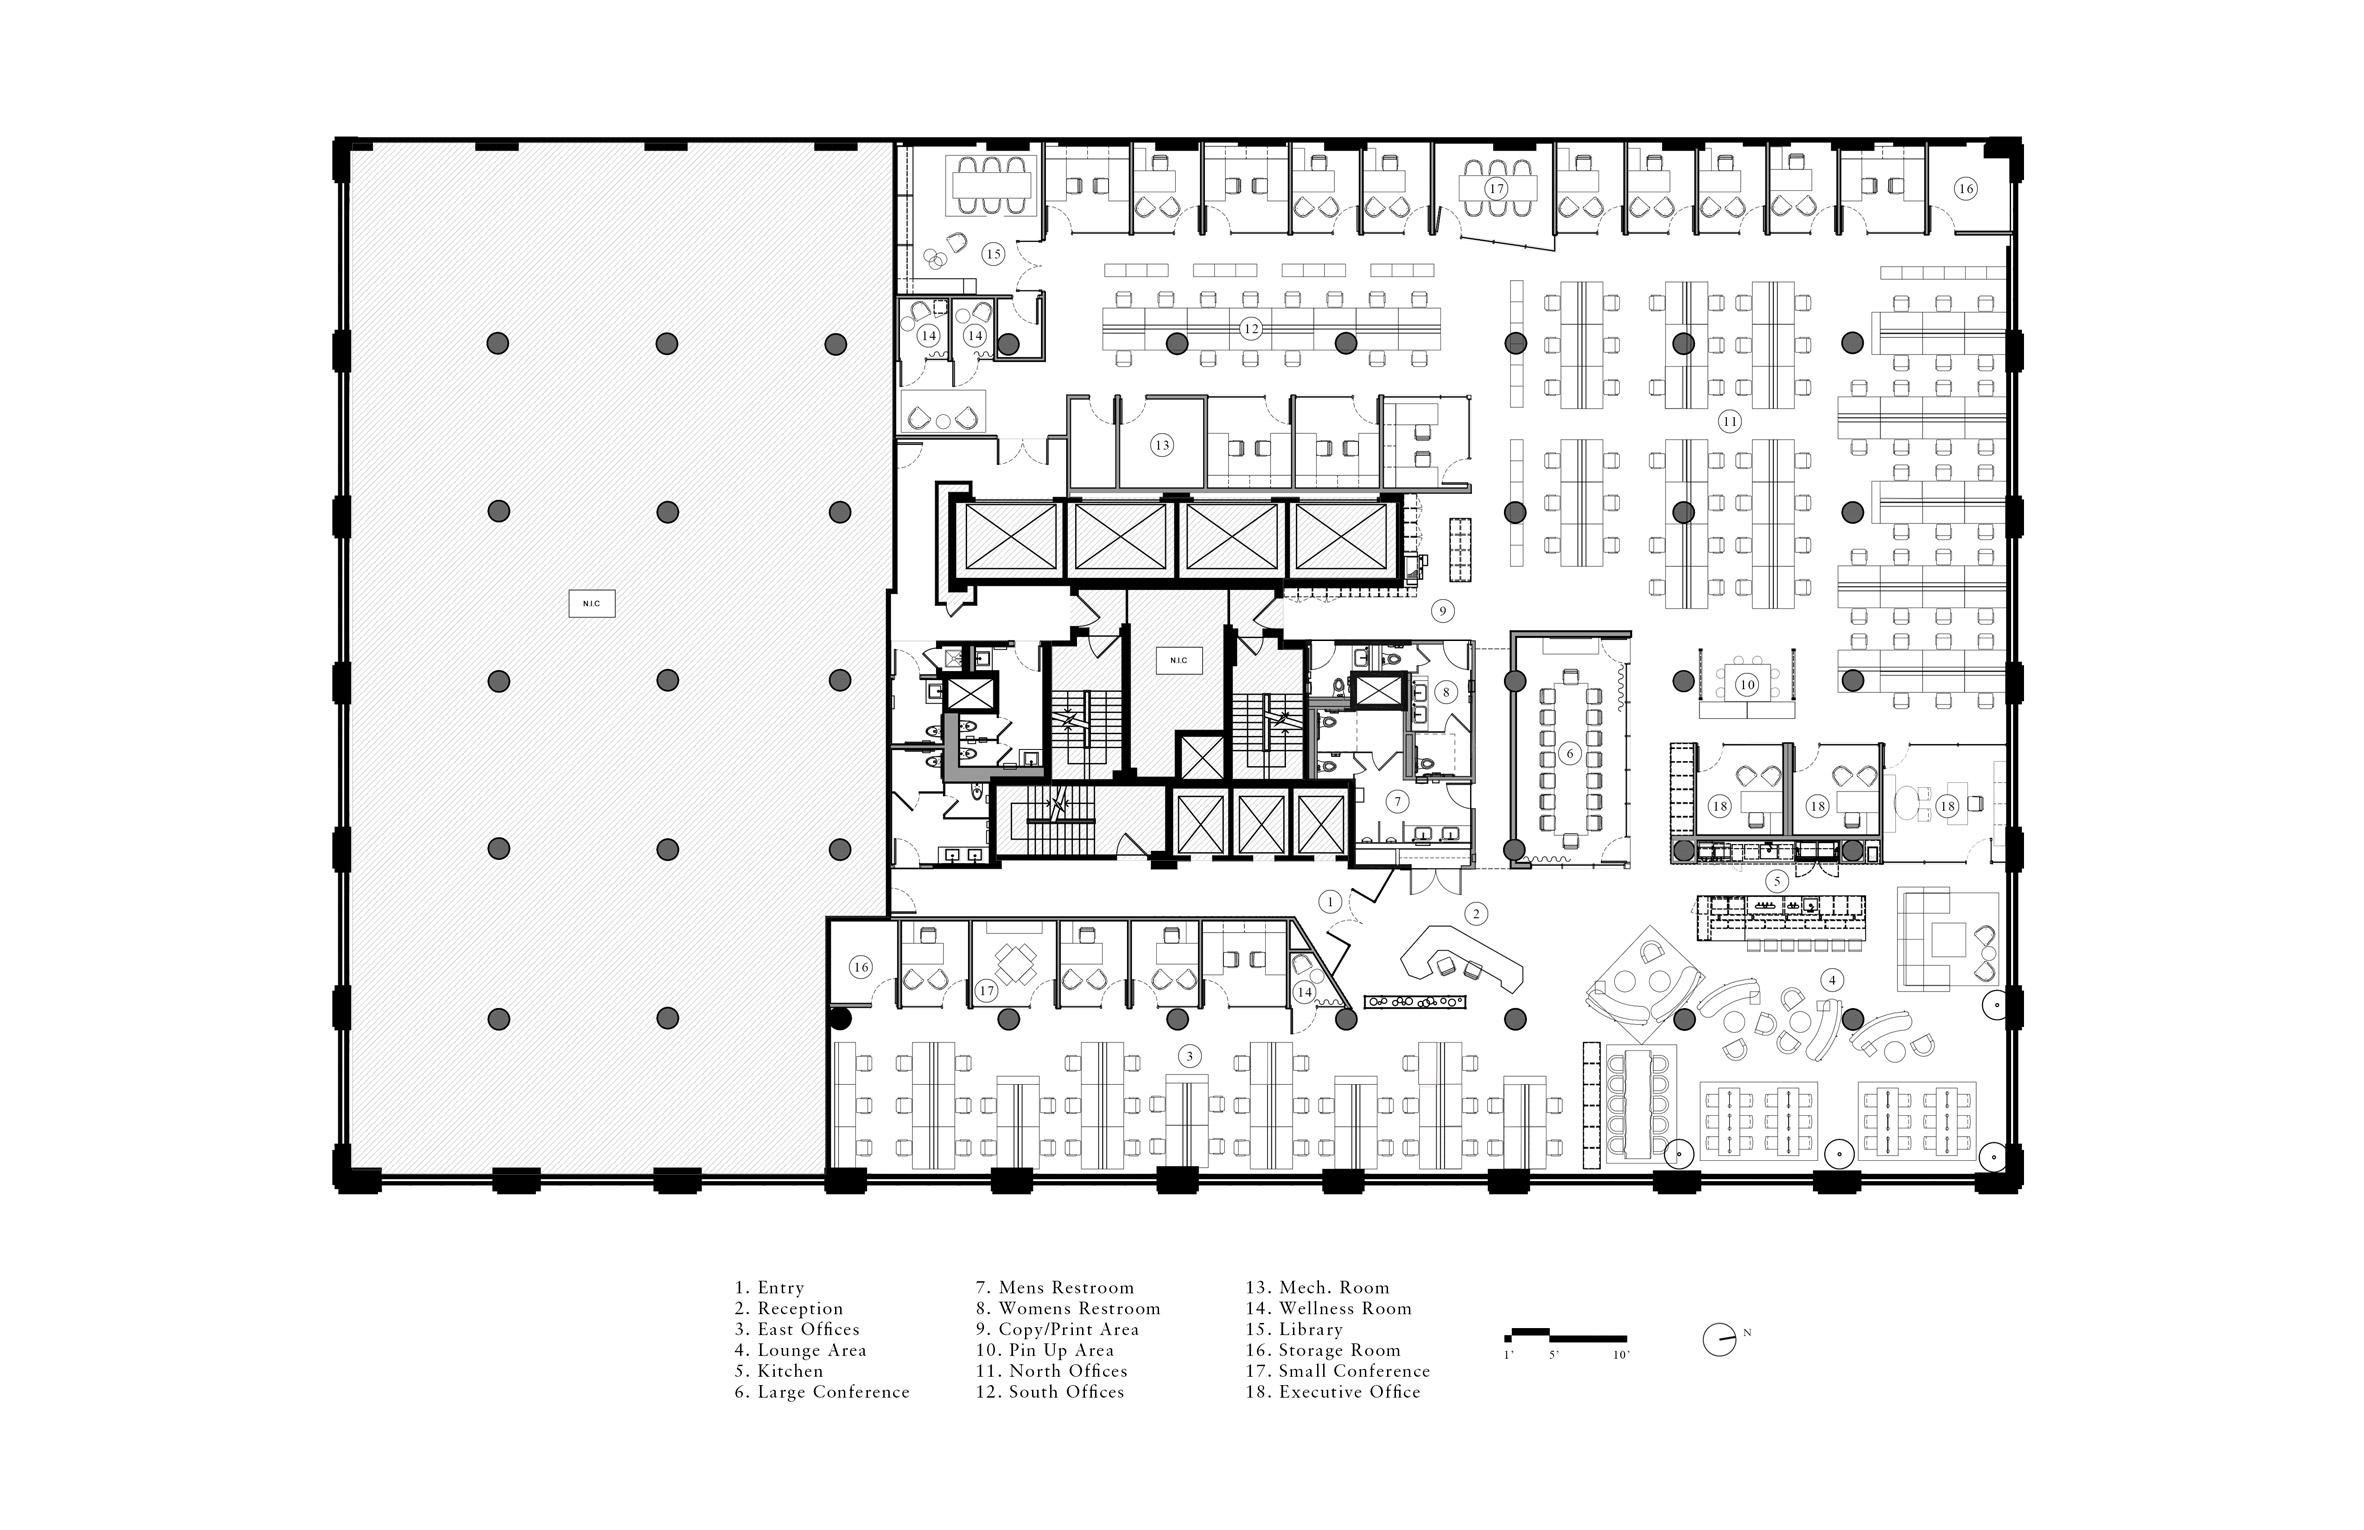 Thiết kế nội thất văn phòng cao cấp 9